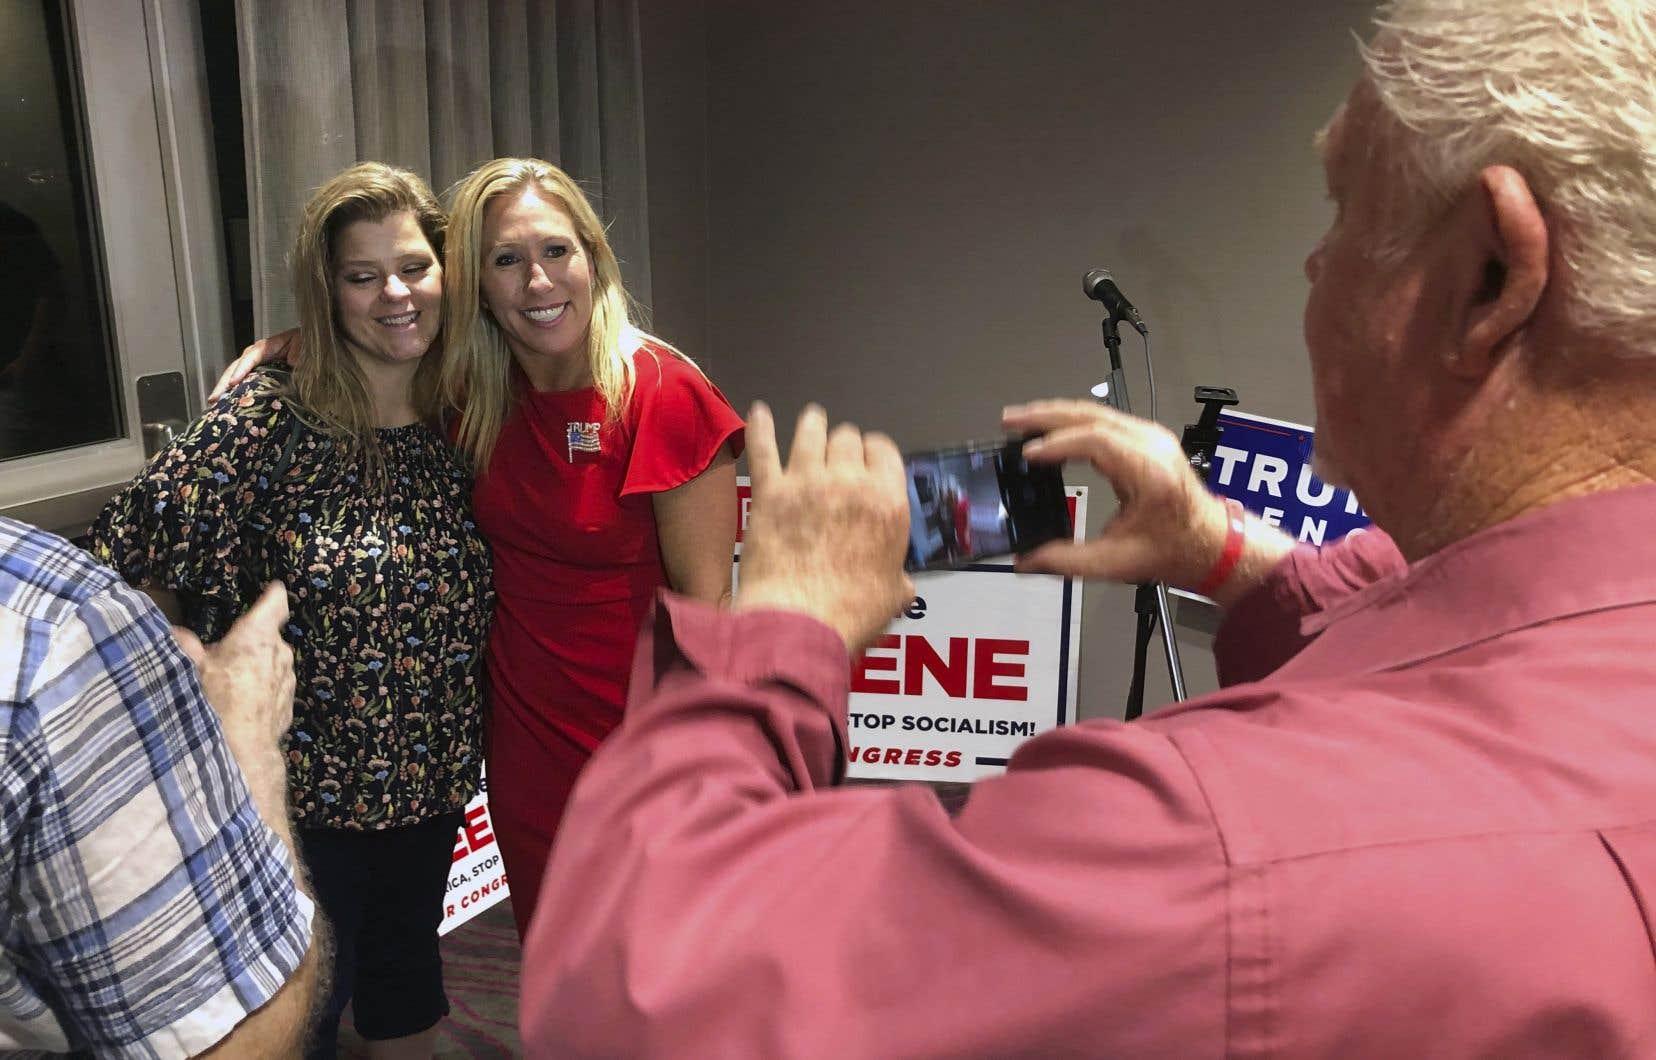 Marjorie Taylor Greene (au centre) s'est revendiquée de la mouvance pro-Trump QAnon qui se répand depuis 2017 sur les réseaux sociaux.